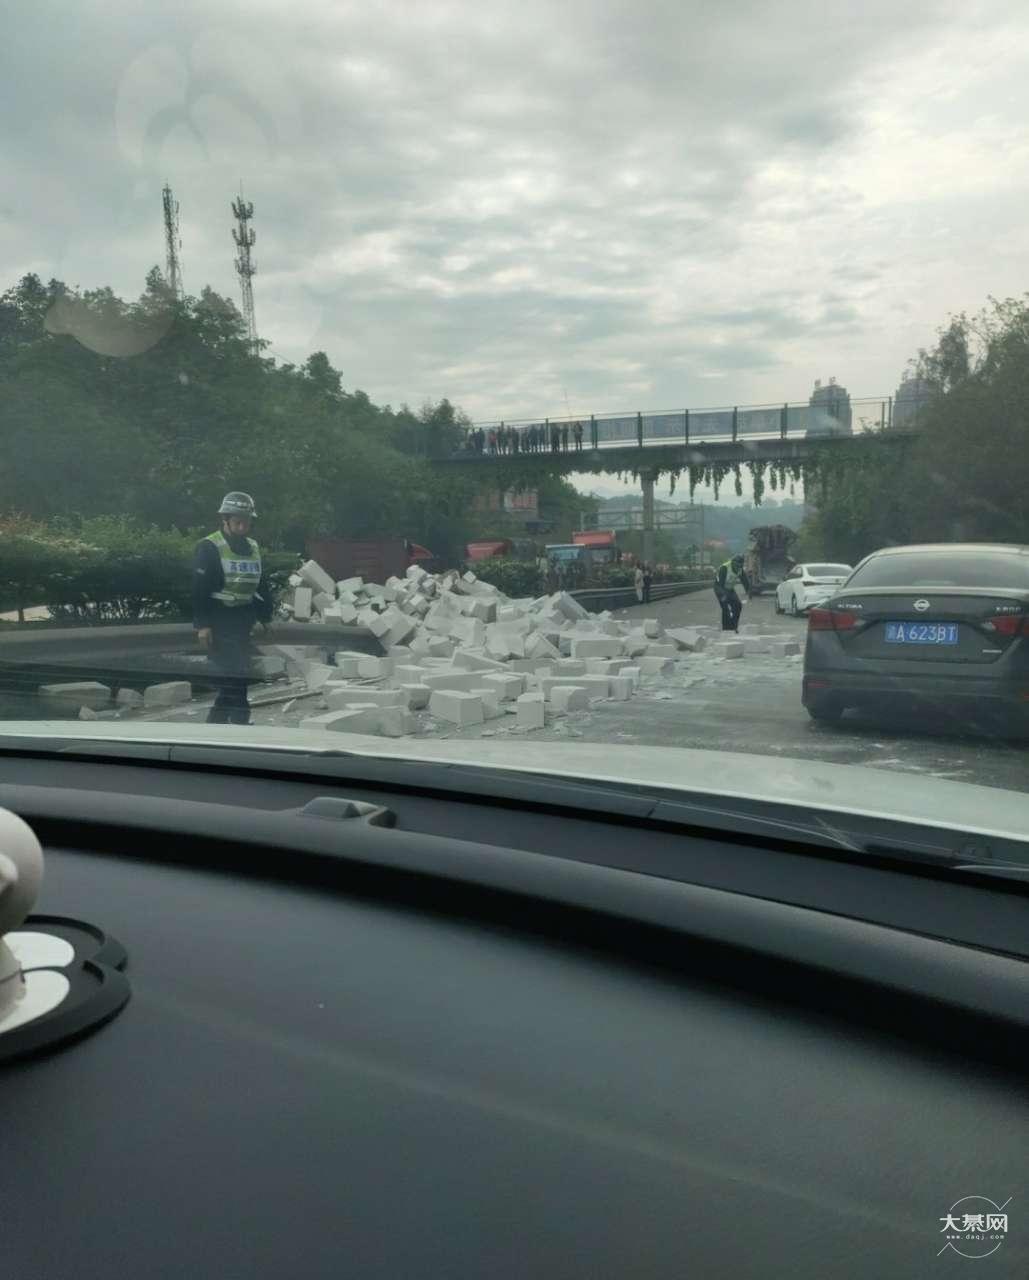 网友爆料:綦江到重庆的现在不要来了!(发生车祸)